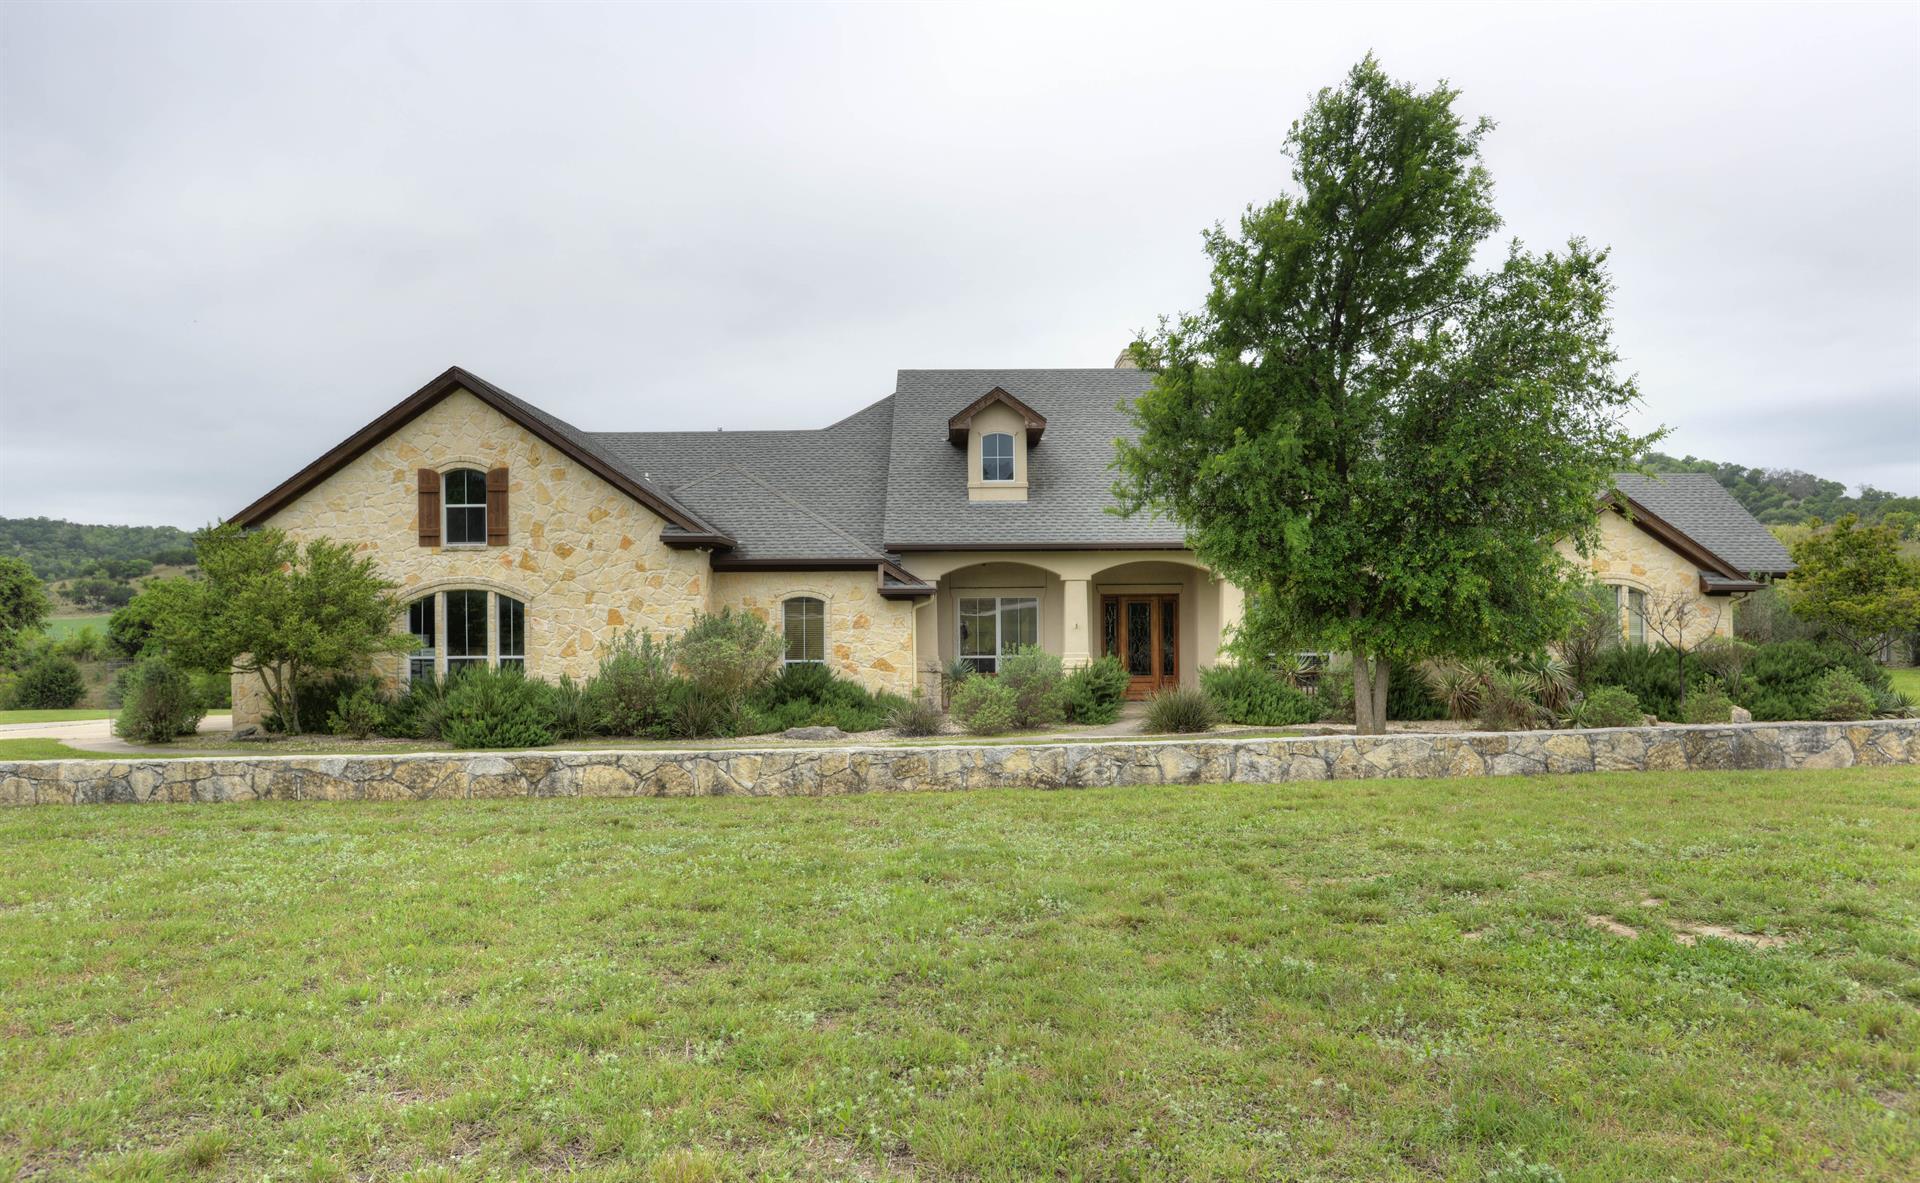 Residencial por un Venta en 502 Highway 87 502 Highway 87 Comfort, Texas 78013 Estados Unidos